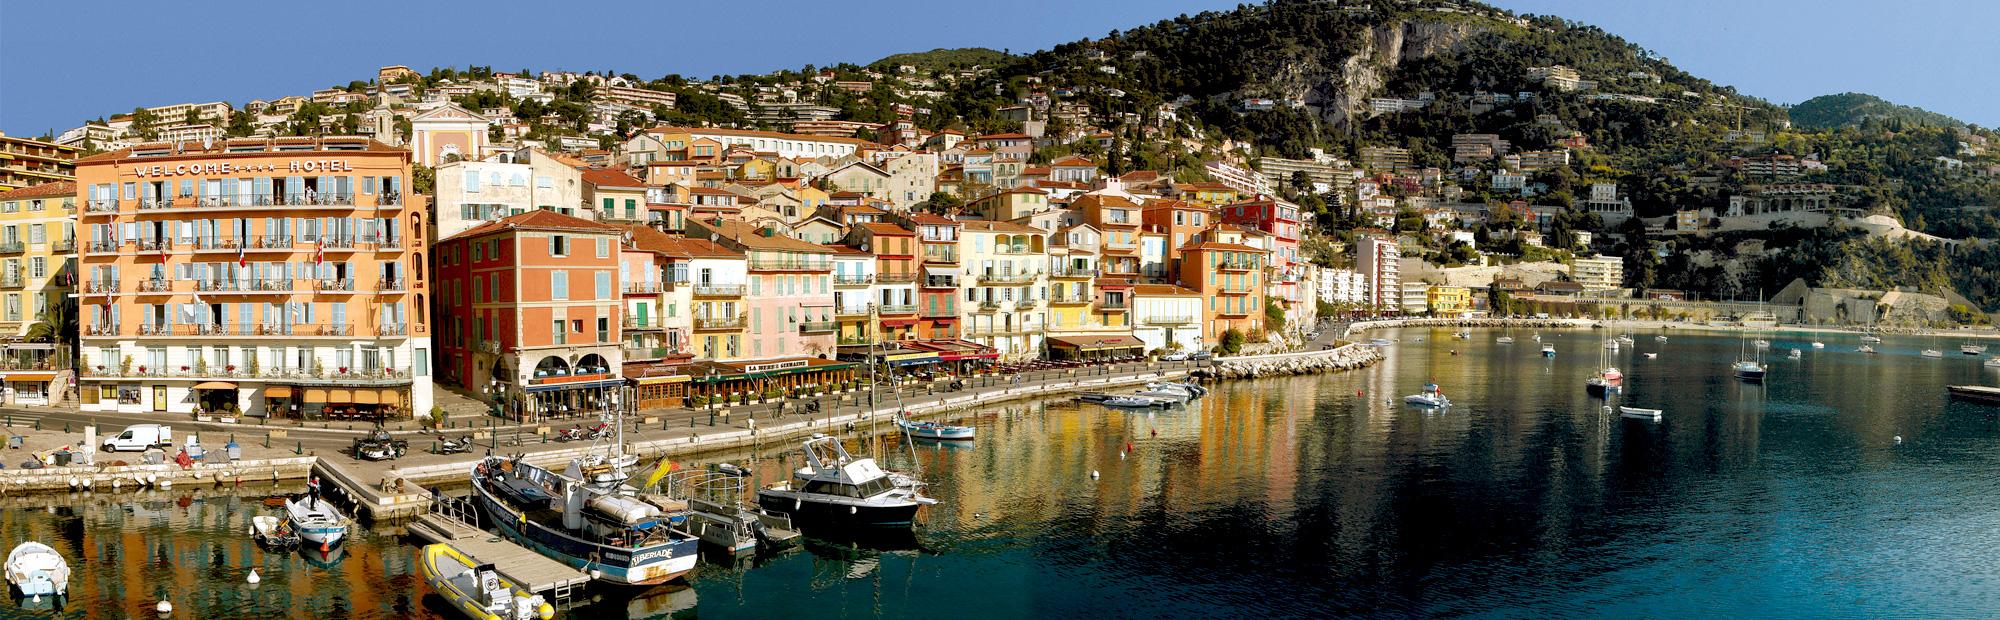 Villefranche sur mer france - Office de tourisme villefranche sur mer ...